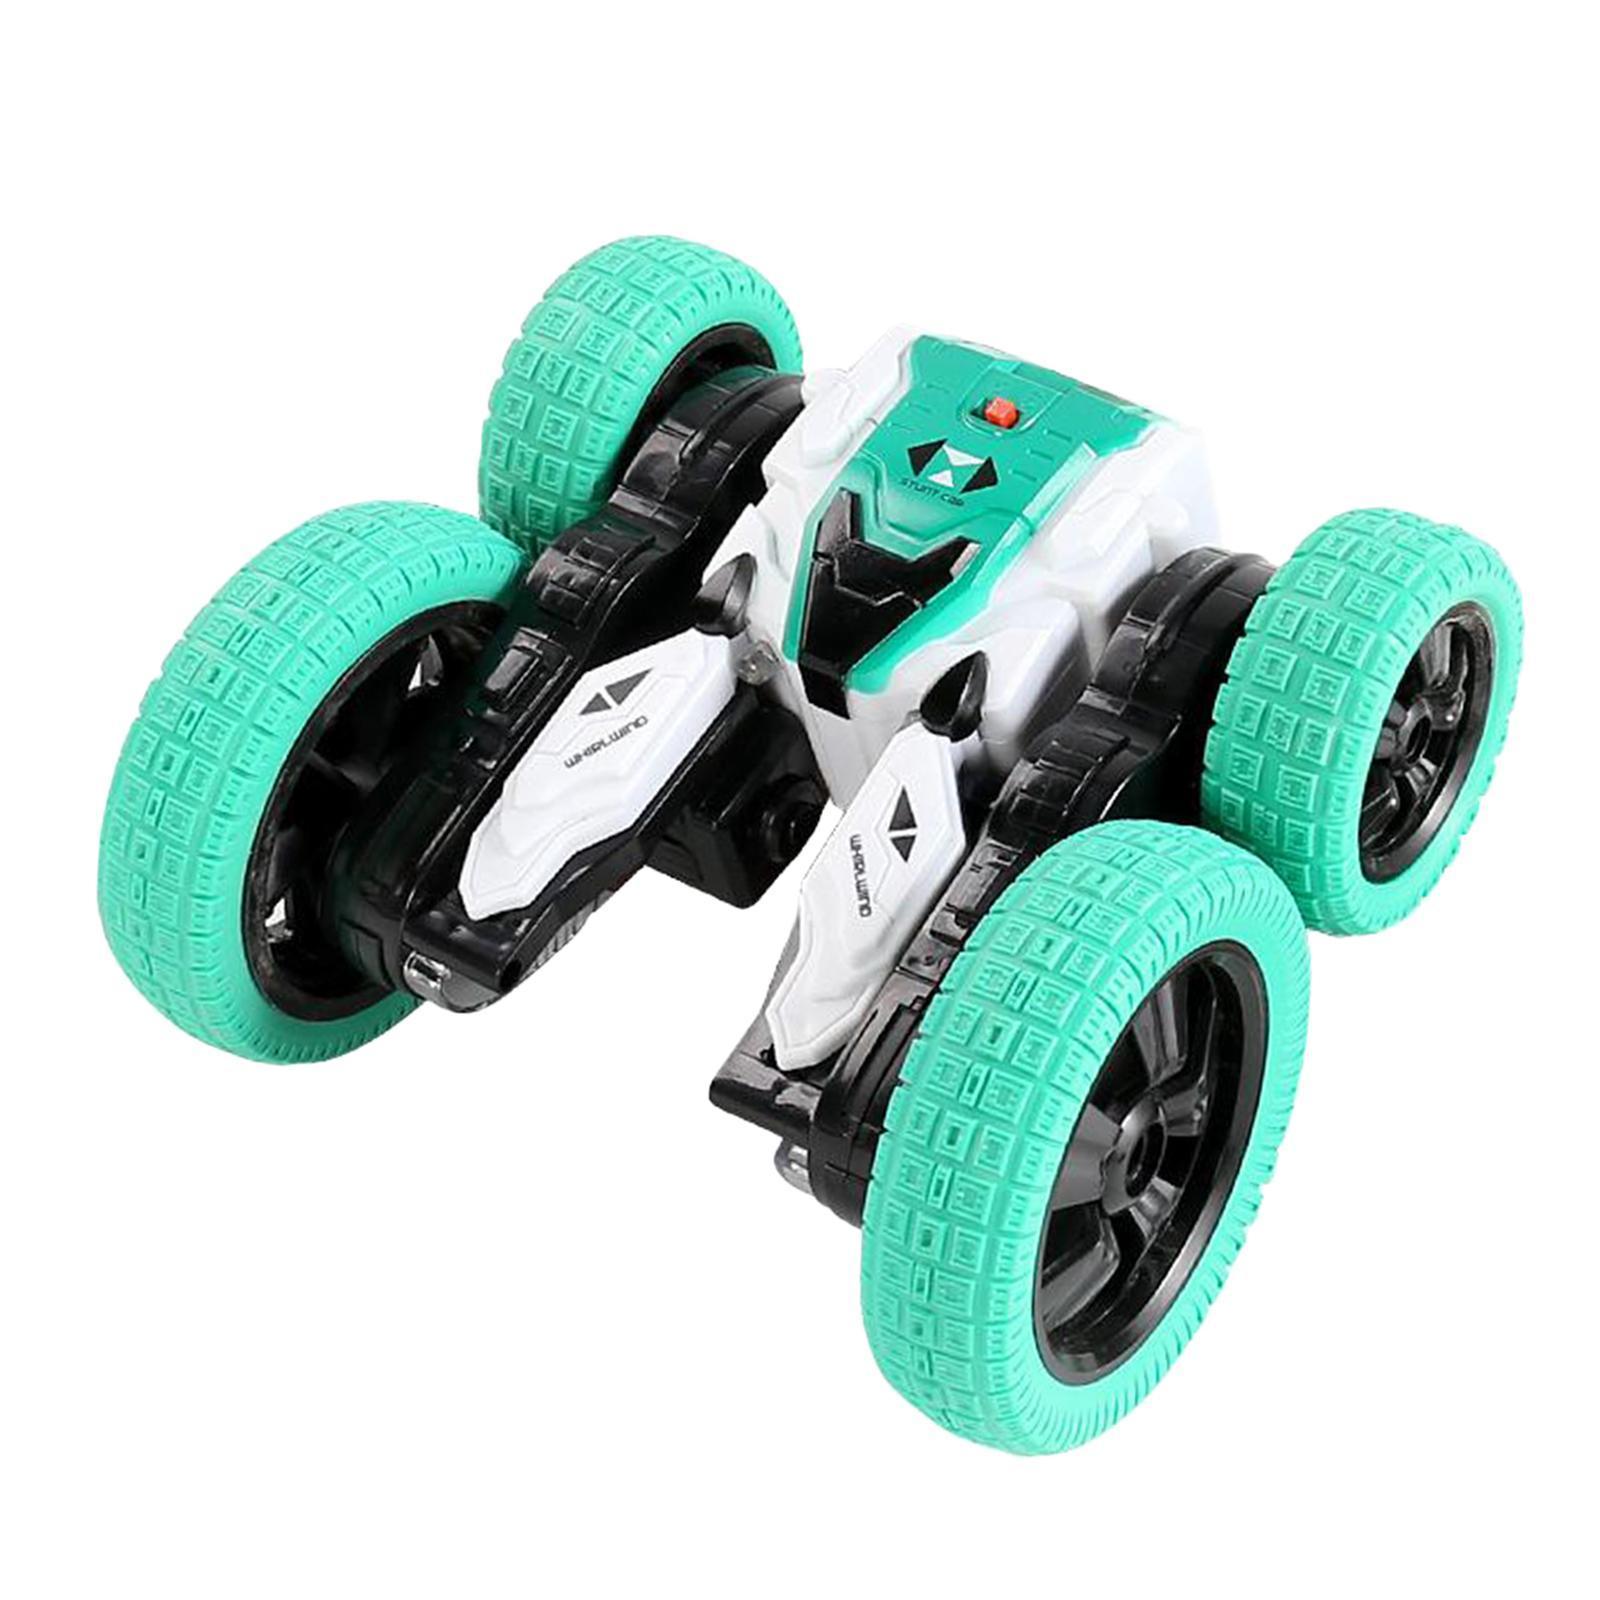 miniatura 25 - Telecomando Auto Stunt Car Giocattolo Per Bambini 2.4GHz di Controllo Remoto